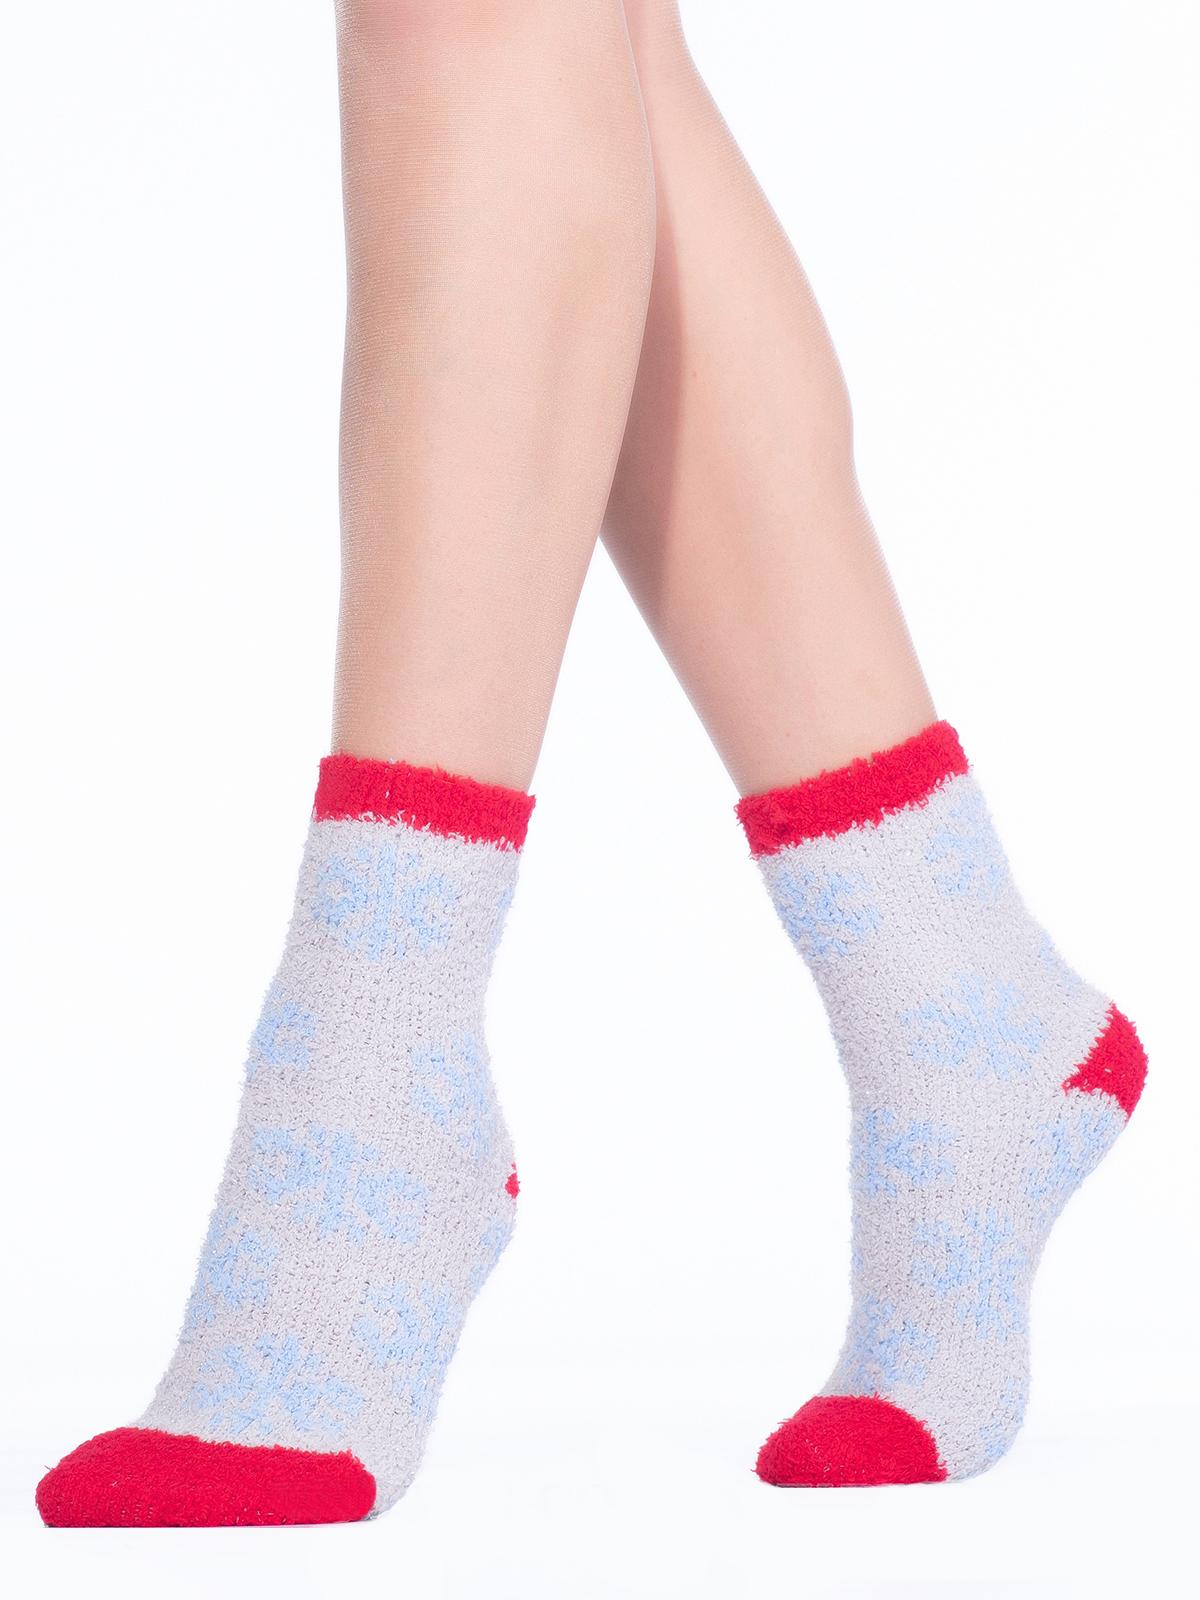 Носки женские Hobby Line разноцветные 36-40